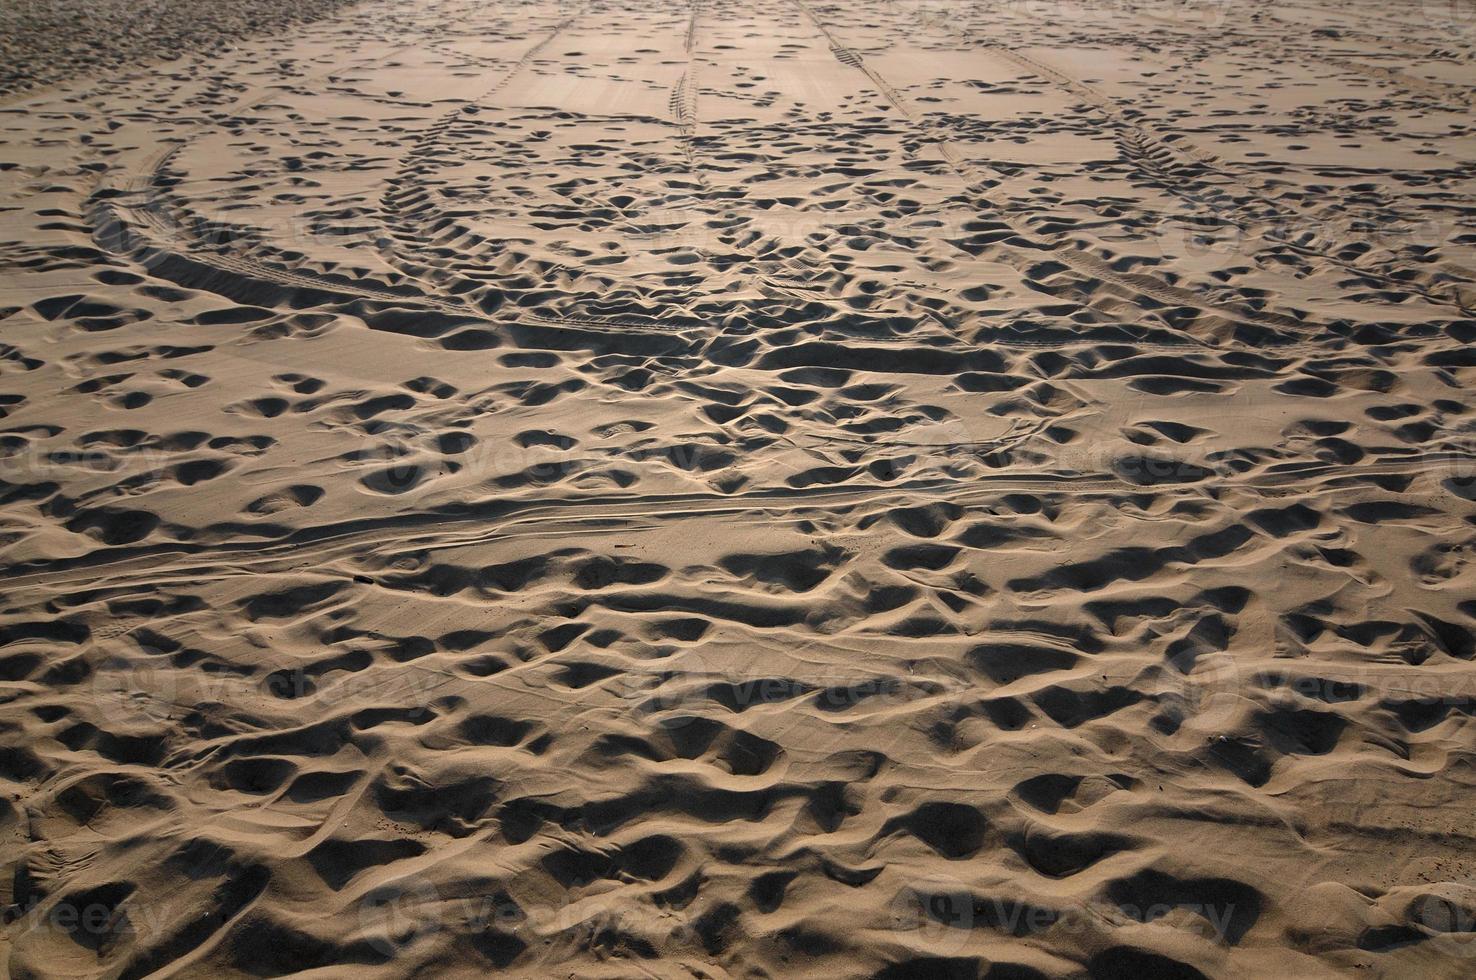 Tracks on sand photo